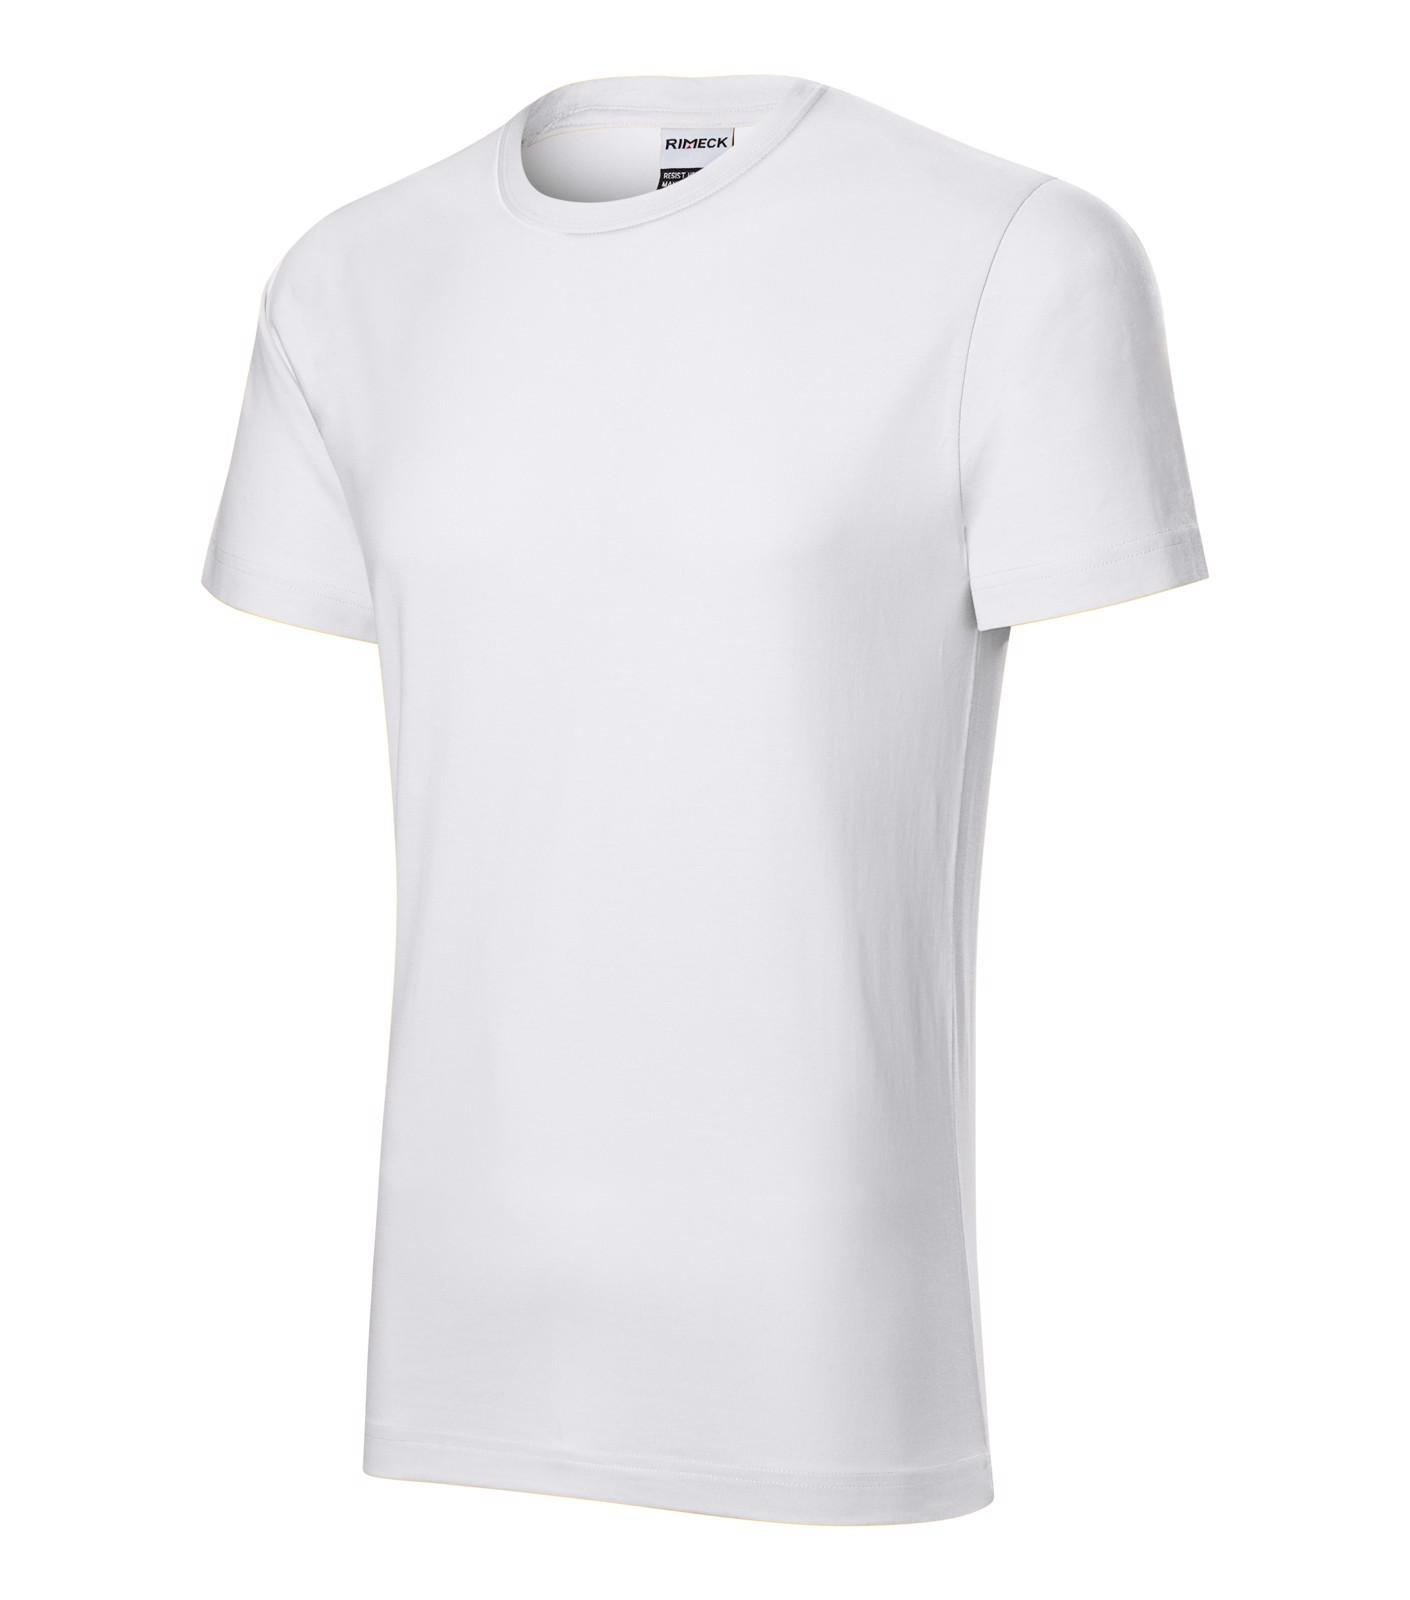 Tričko pánské Rimeck Resist - Bílá / XL